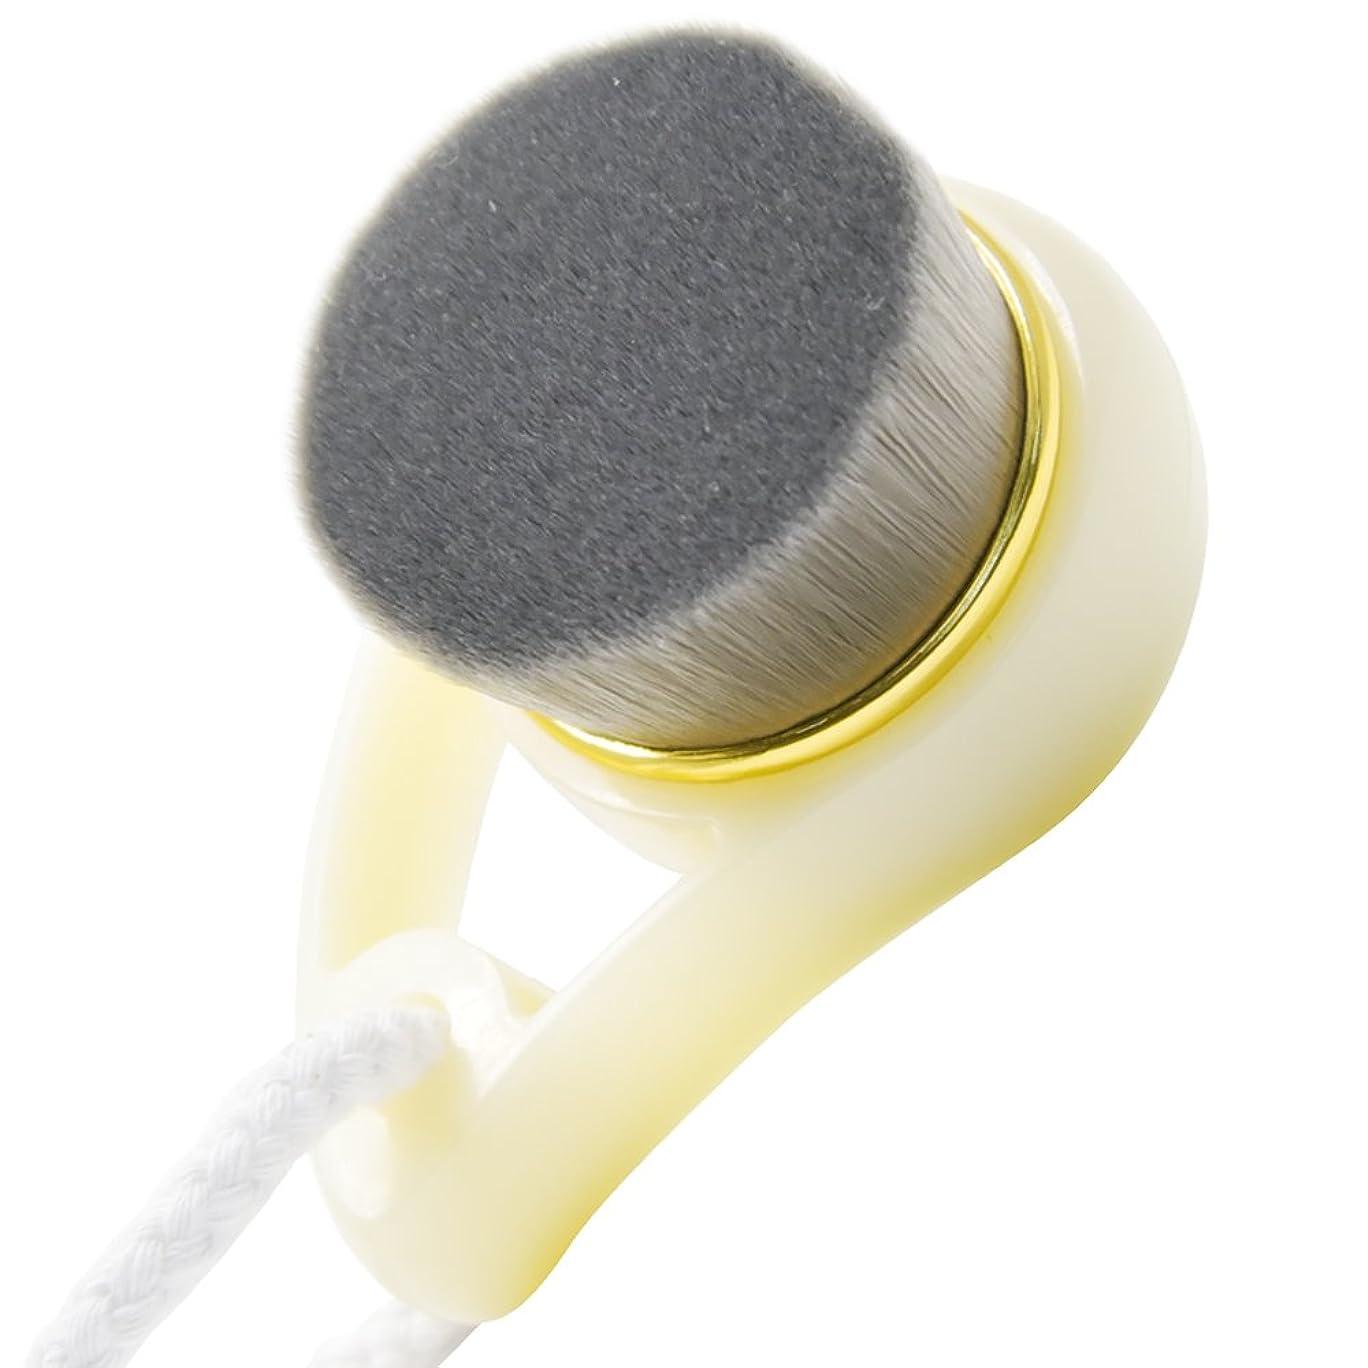 原稿滅びるはねかけるPrilliant 美肌 洗顔ブラシ 極細毛 竹炭 柔らか 毛穴 角質除去